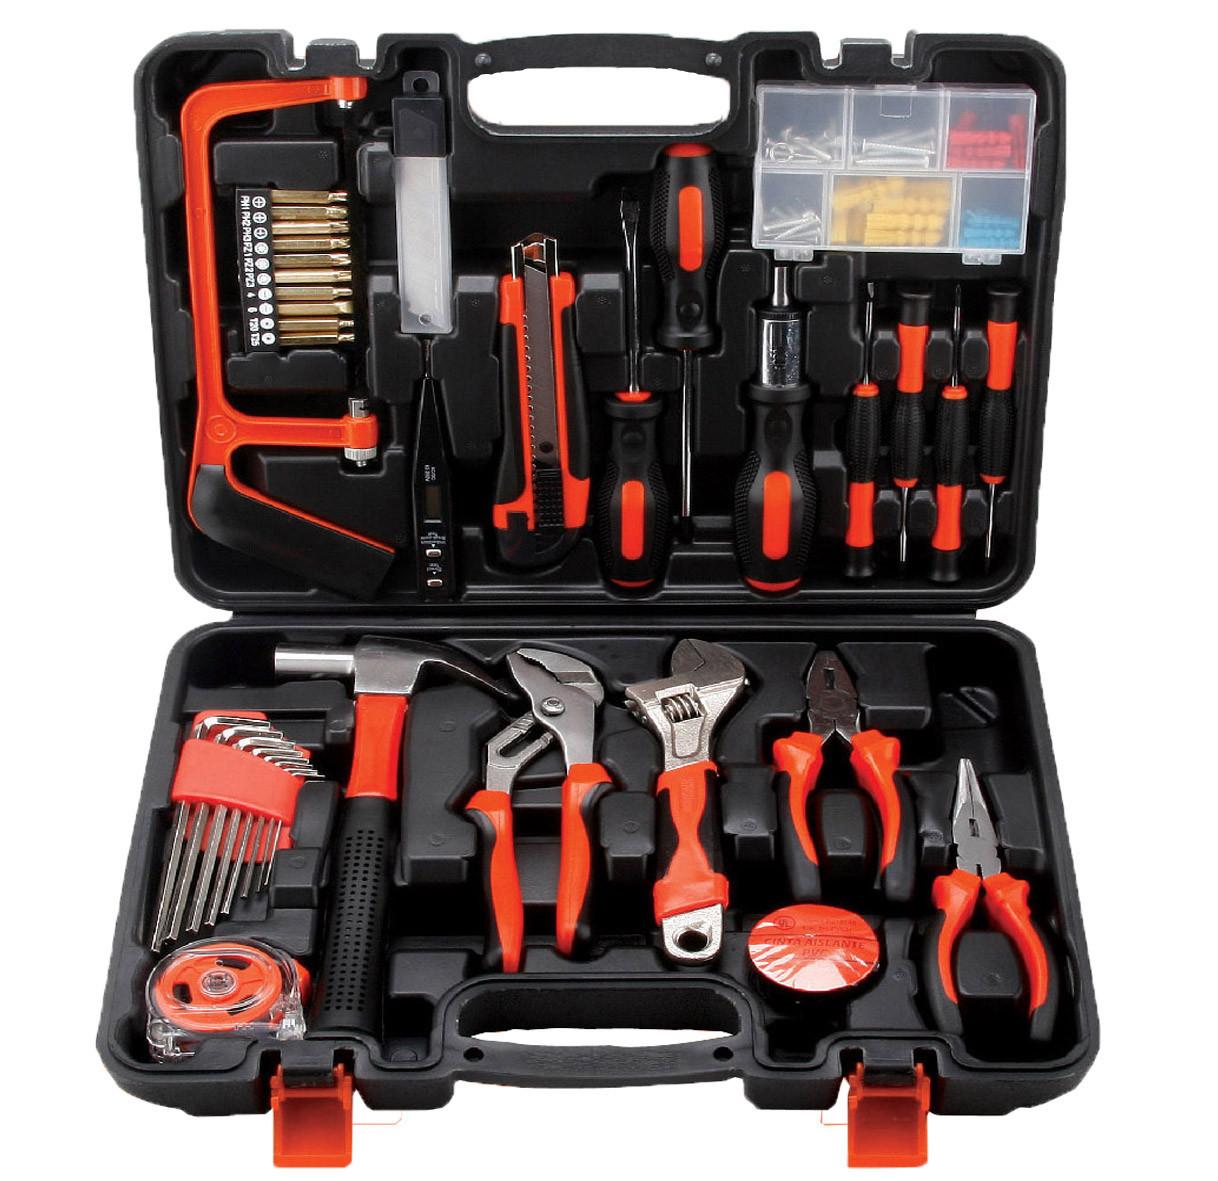 La combinazione di una serie di strumenti Hardware domestici di Legno cassetta attrezzi dono di manutenzione Manuale